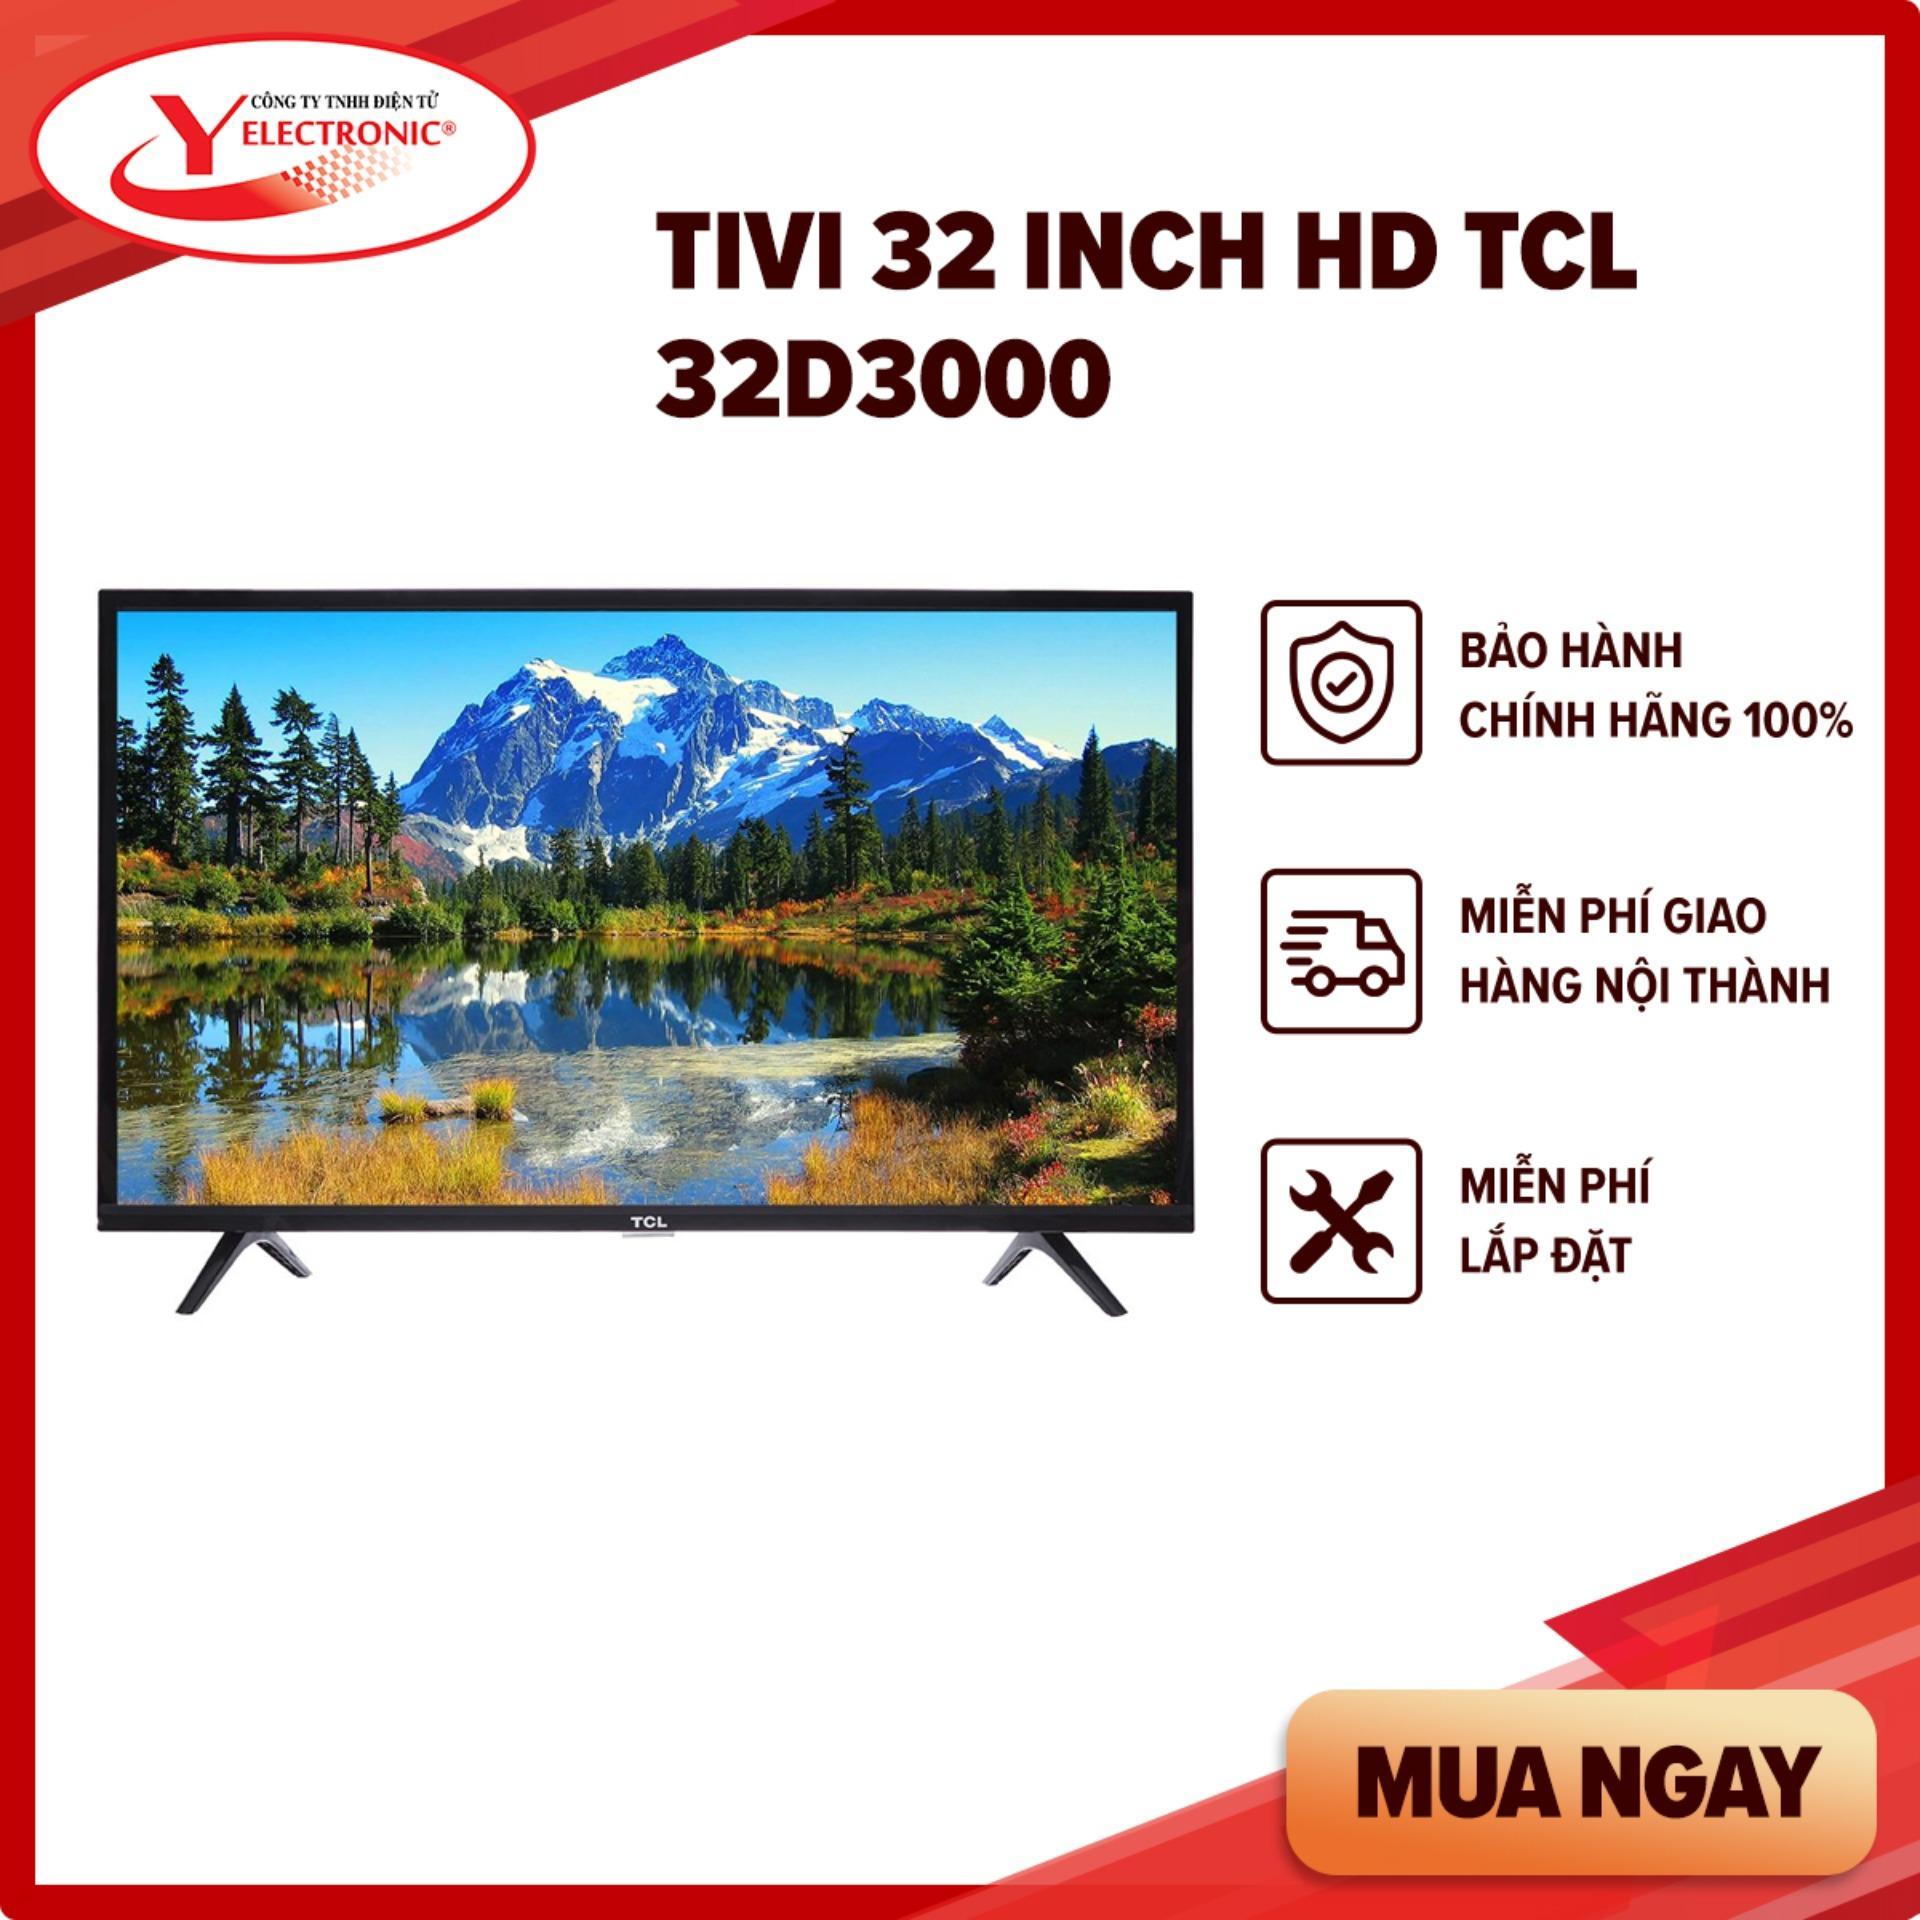 Bảng giá Tivi 32 Inch HD TCL 32D3000